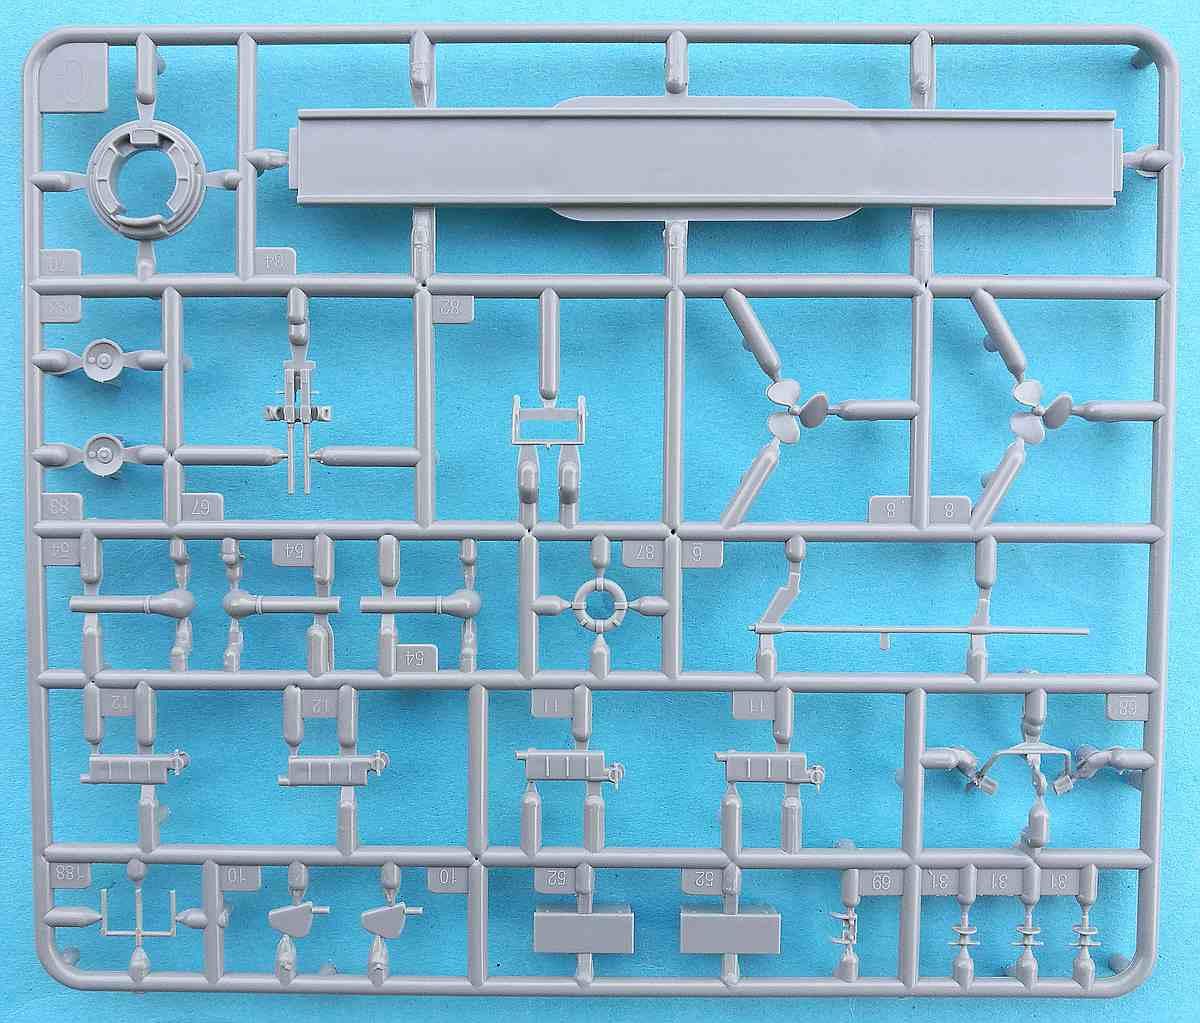 Revell-05147-PT-109-46 PT 109 im Maßstab 1:72 von Revell 05147